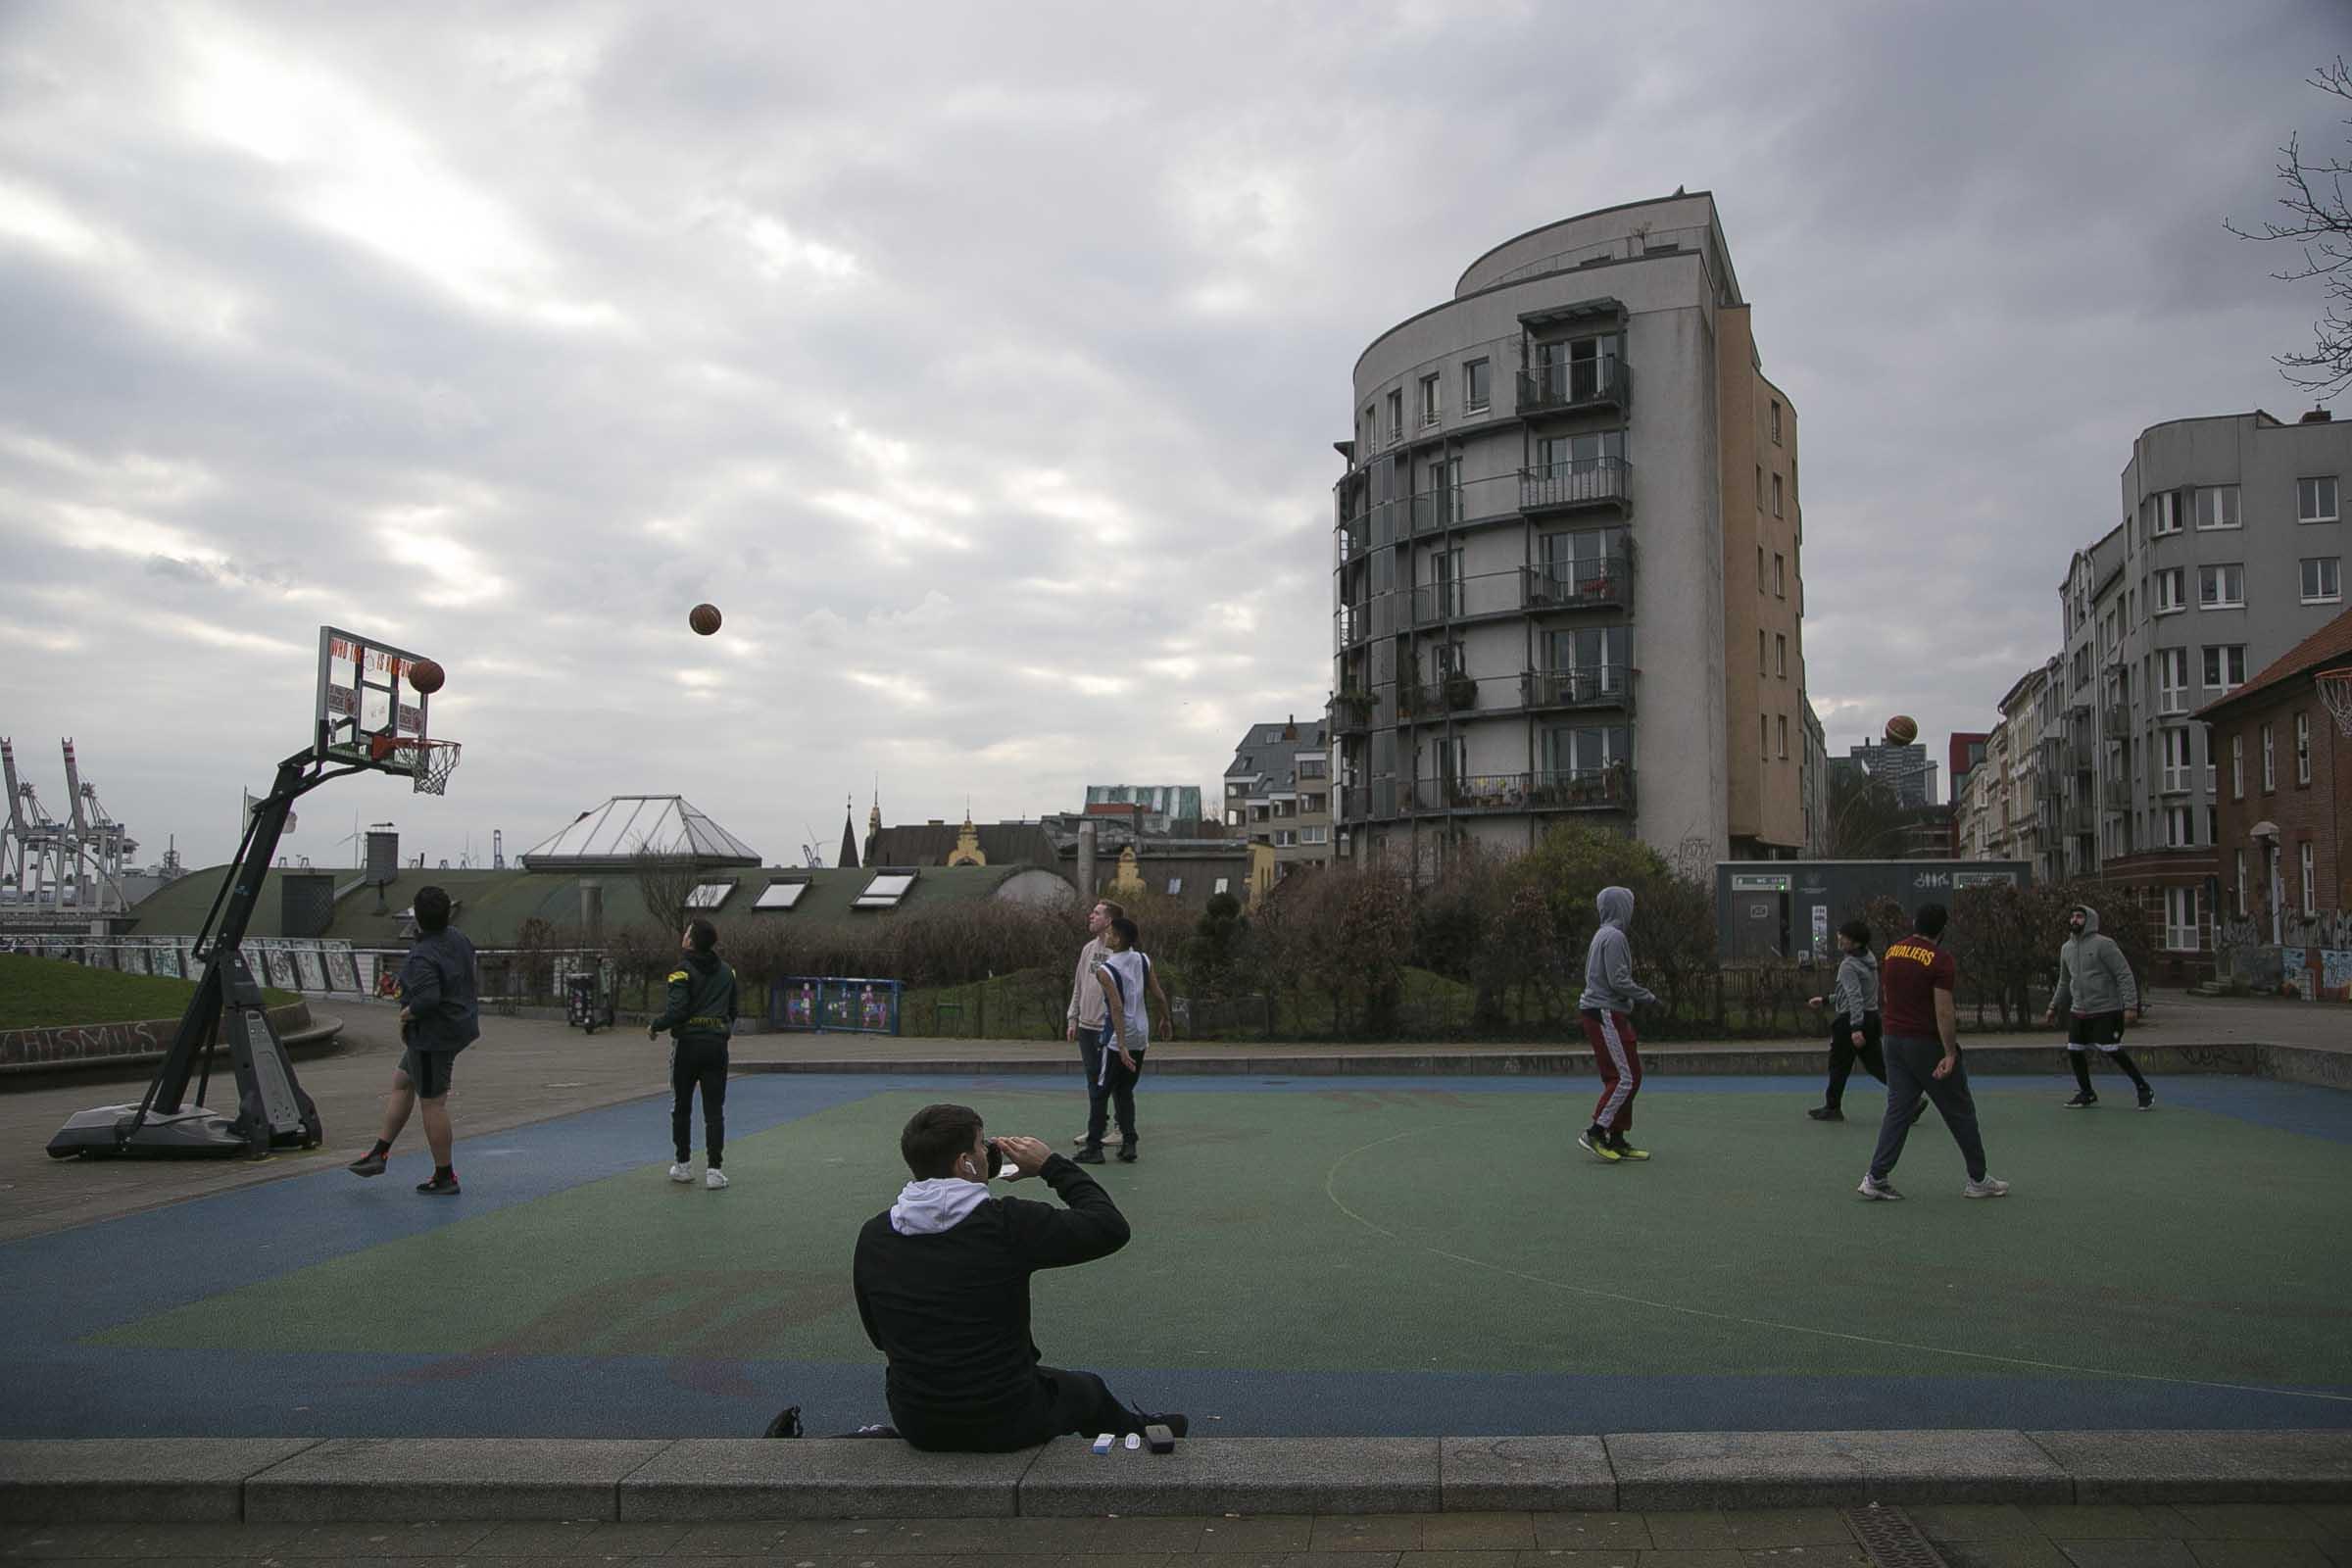 Jóvenes juegan basquetbol en el parque de Sant Pauli en la ciudad de Hamburgo.  Foto por José Luna.